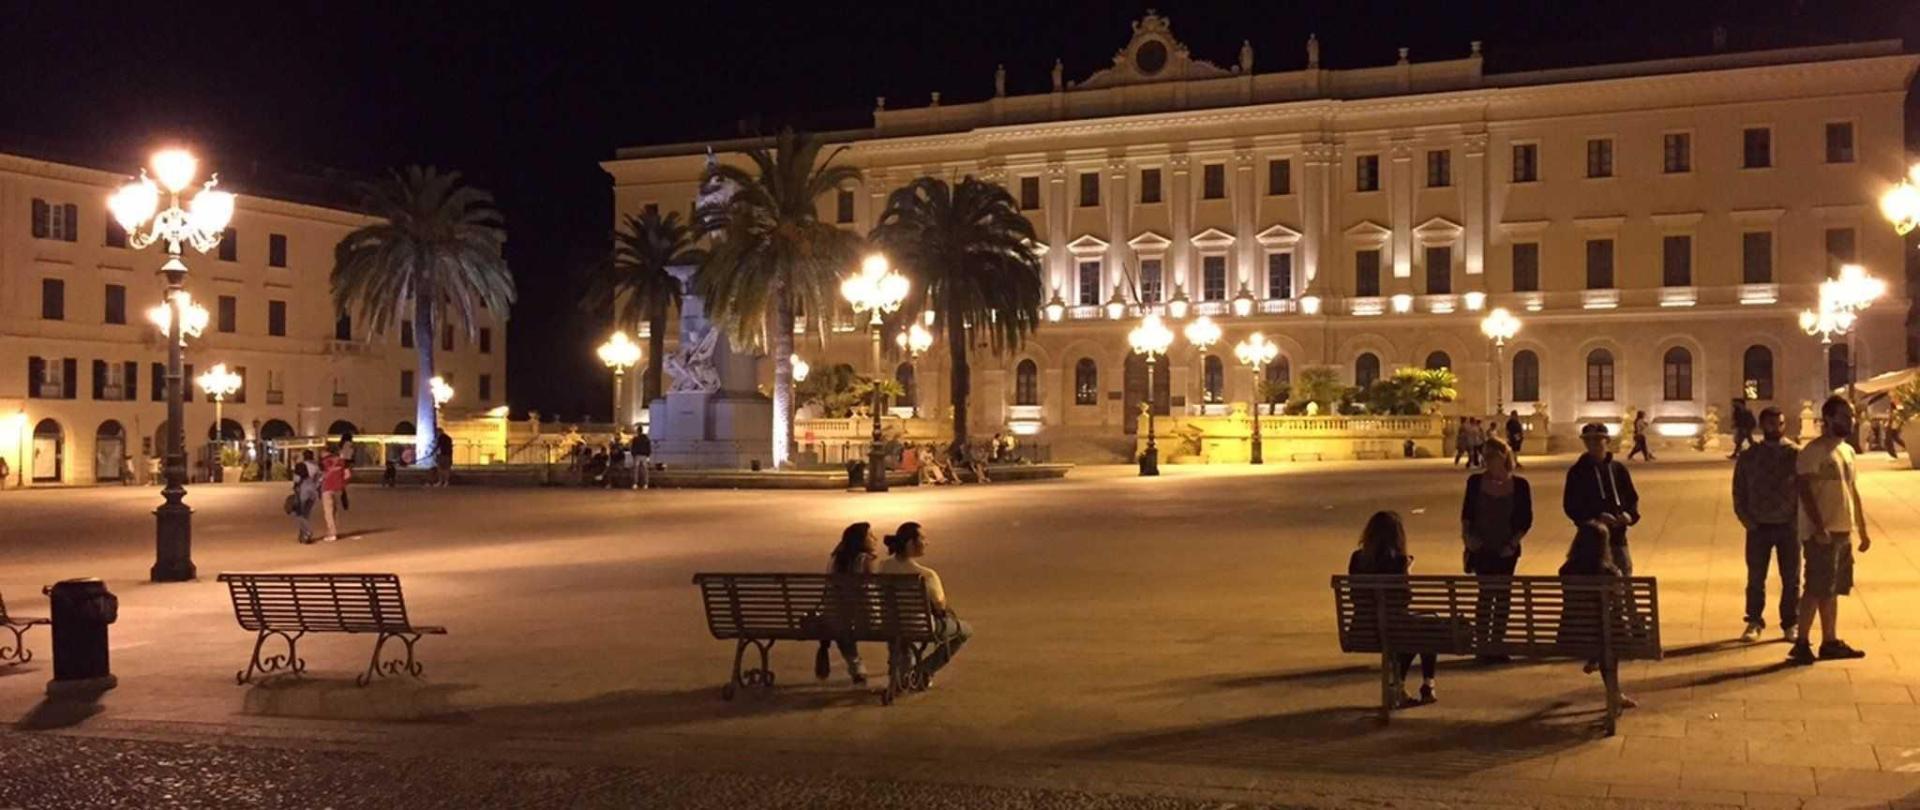 Piazza d'Italia.jpg